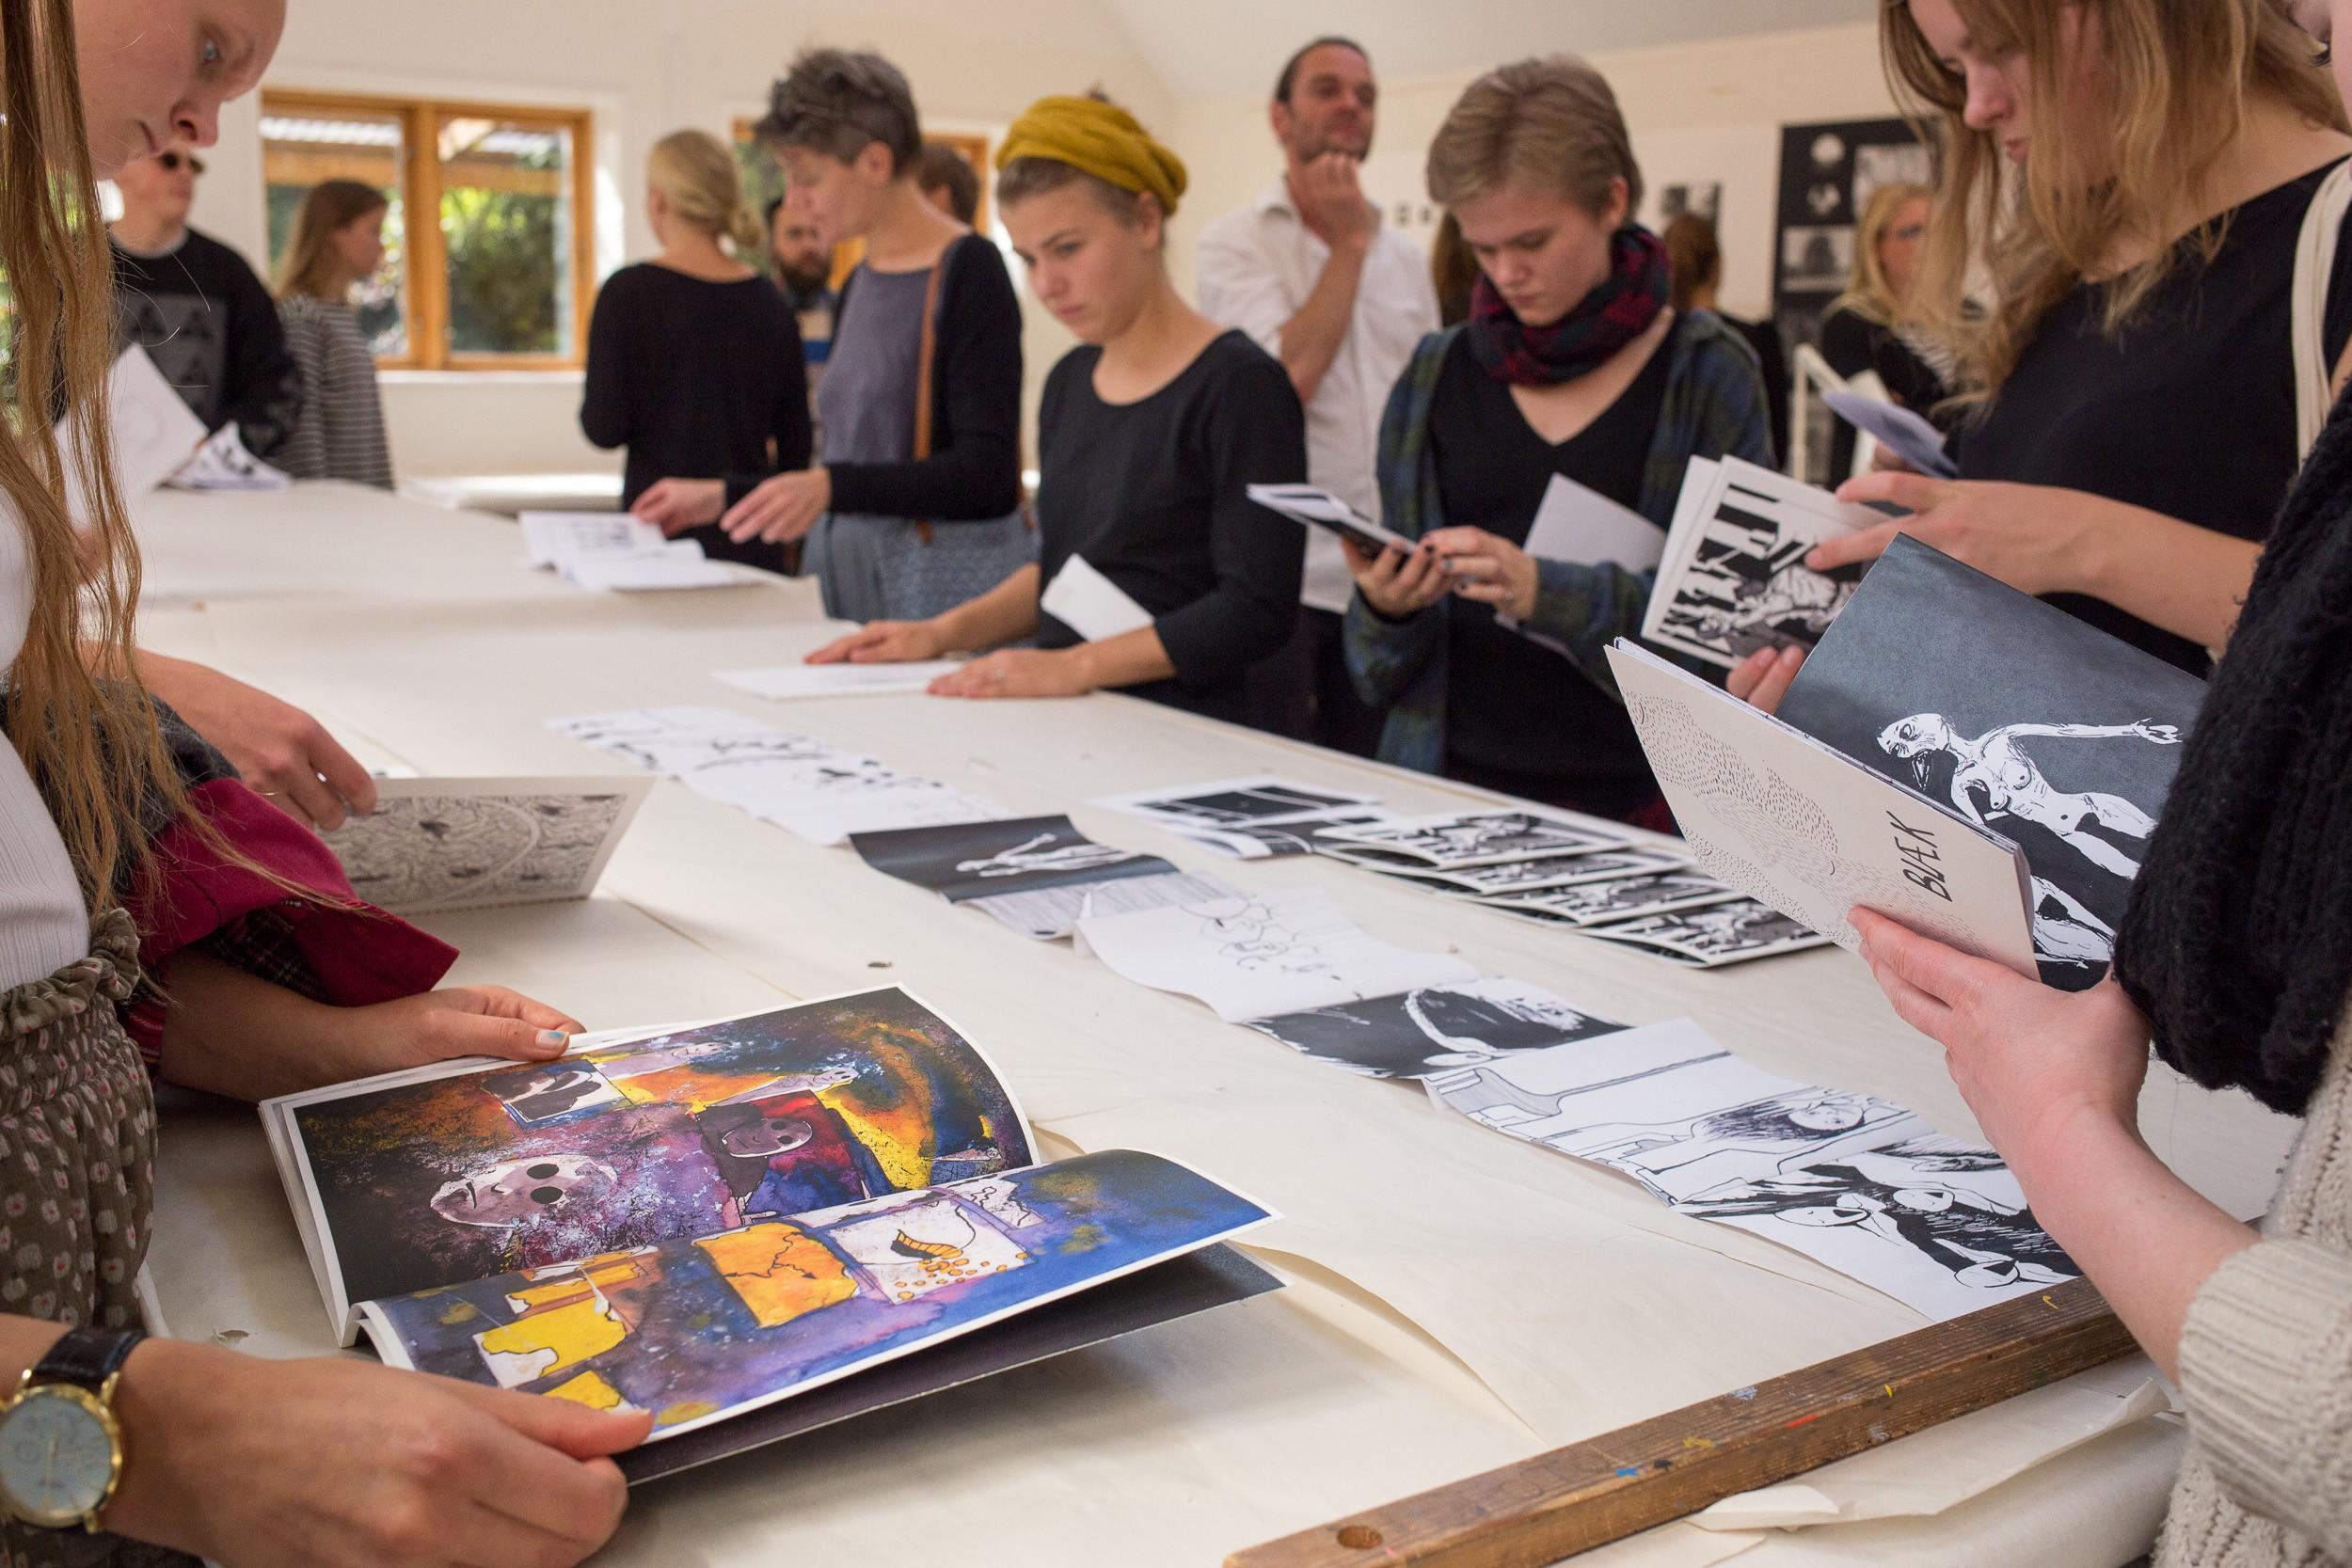 Fernisering for fotografi og tegneserie